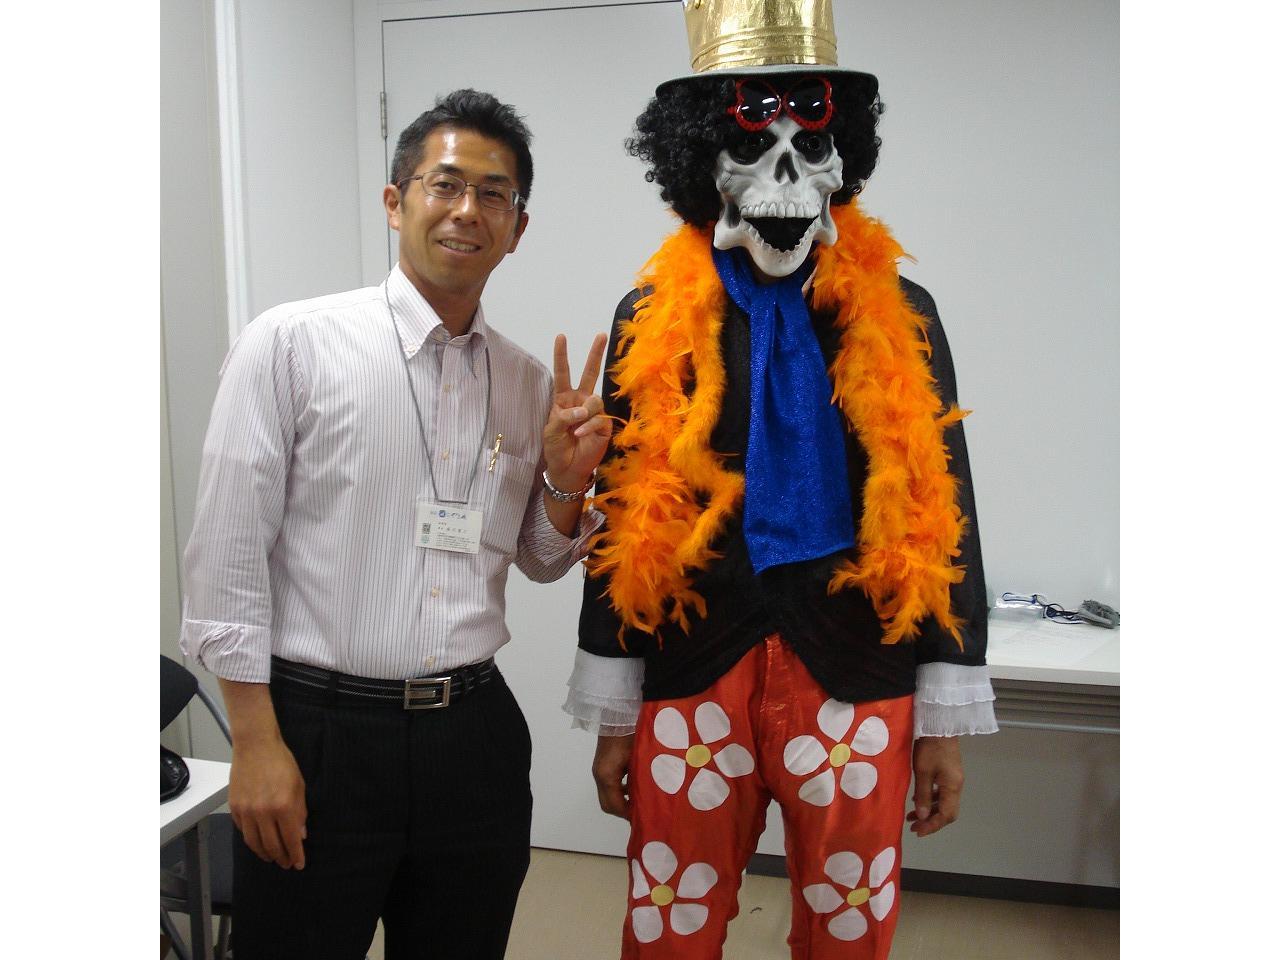 2012年5月交流会レポート      サポーター:西島_e0130743_23641.jpg